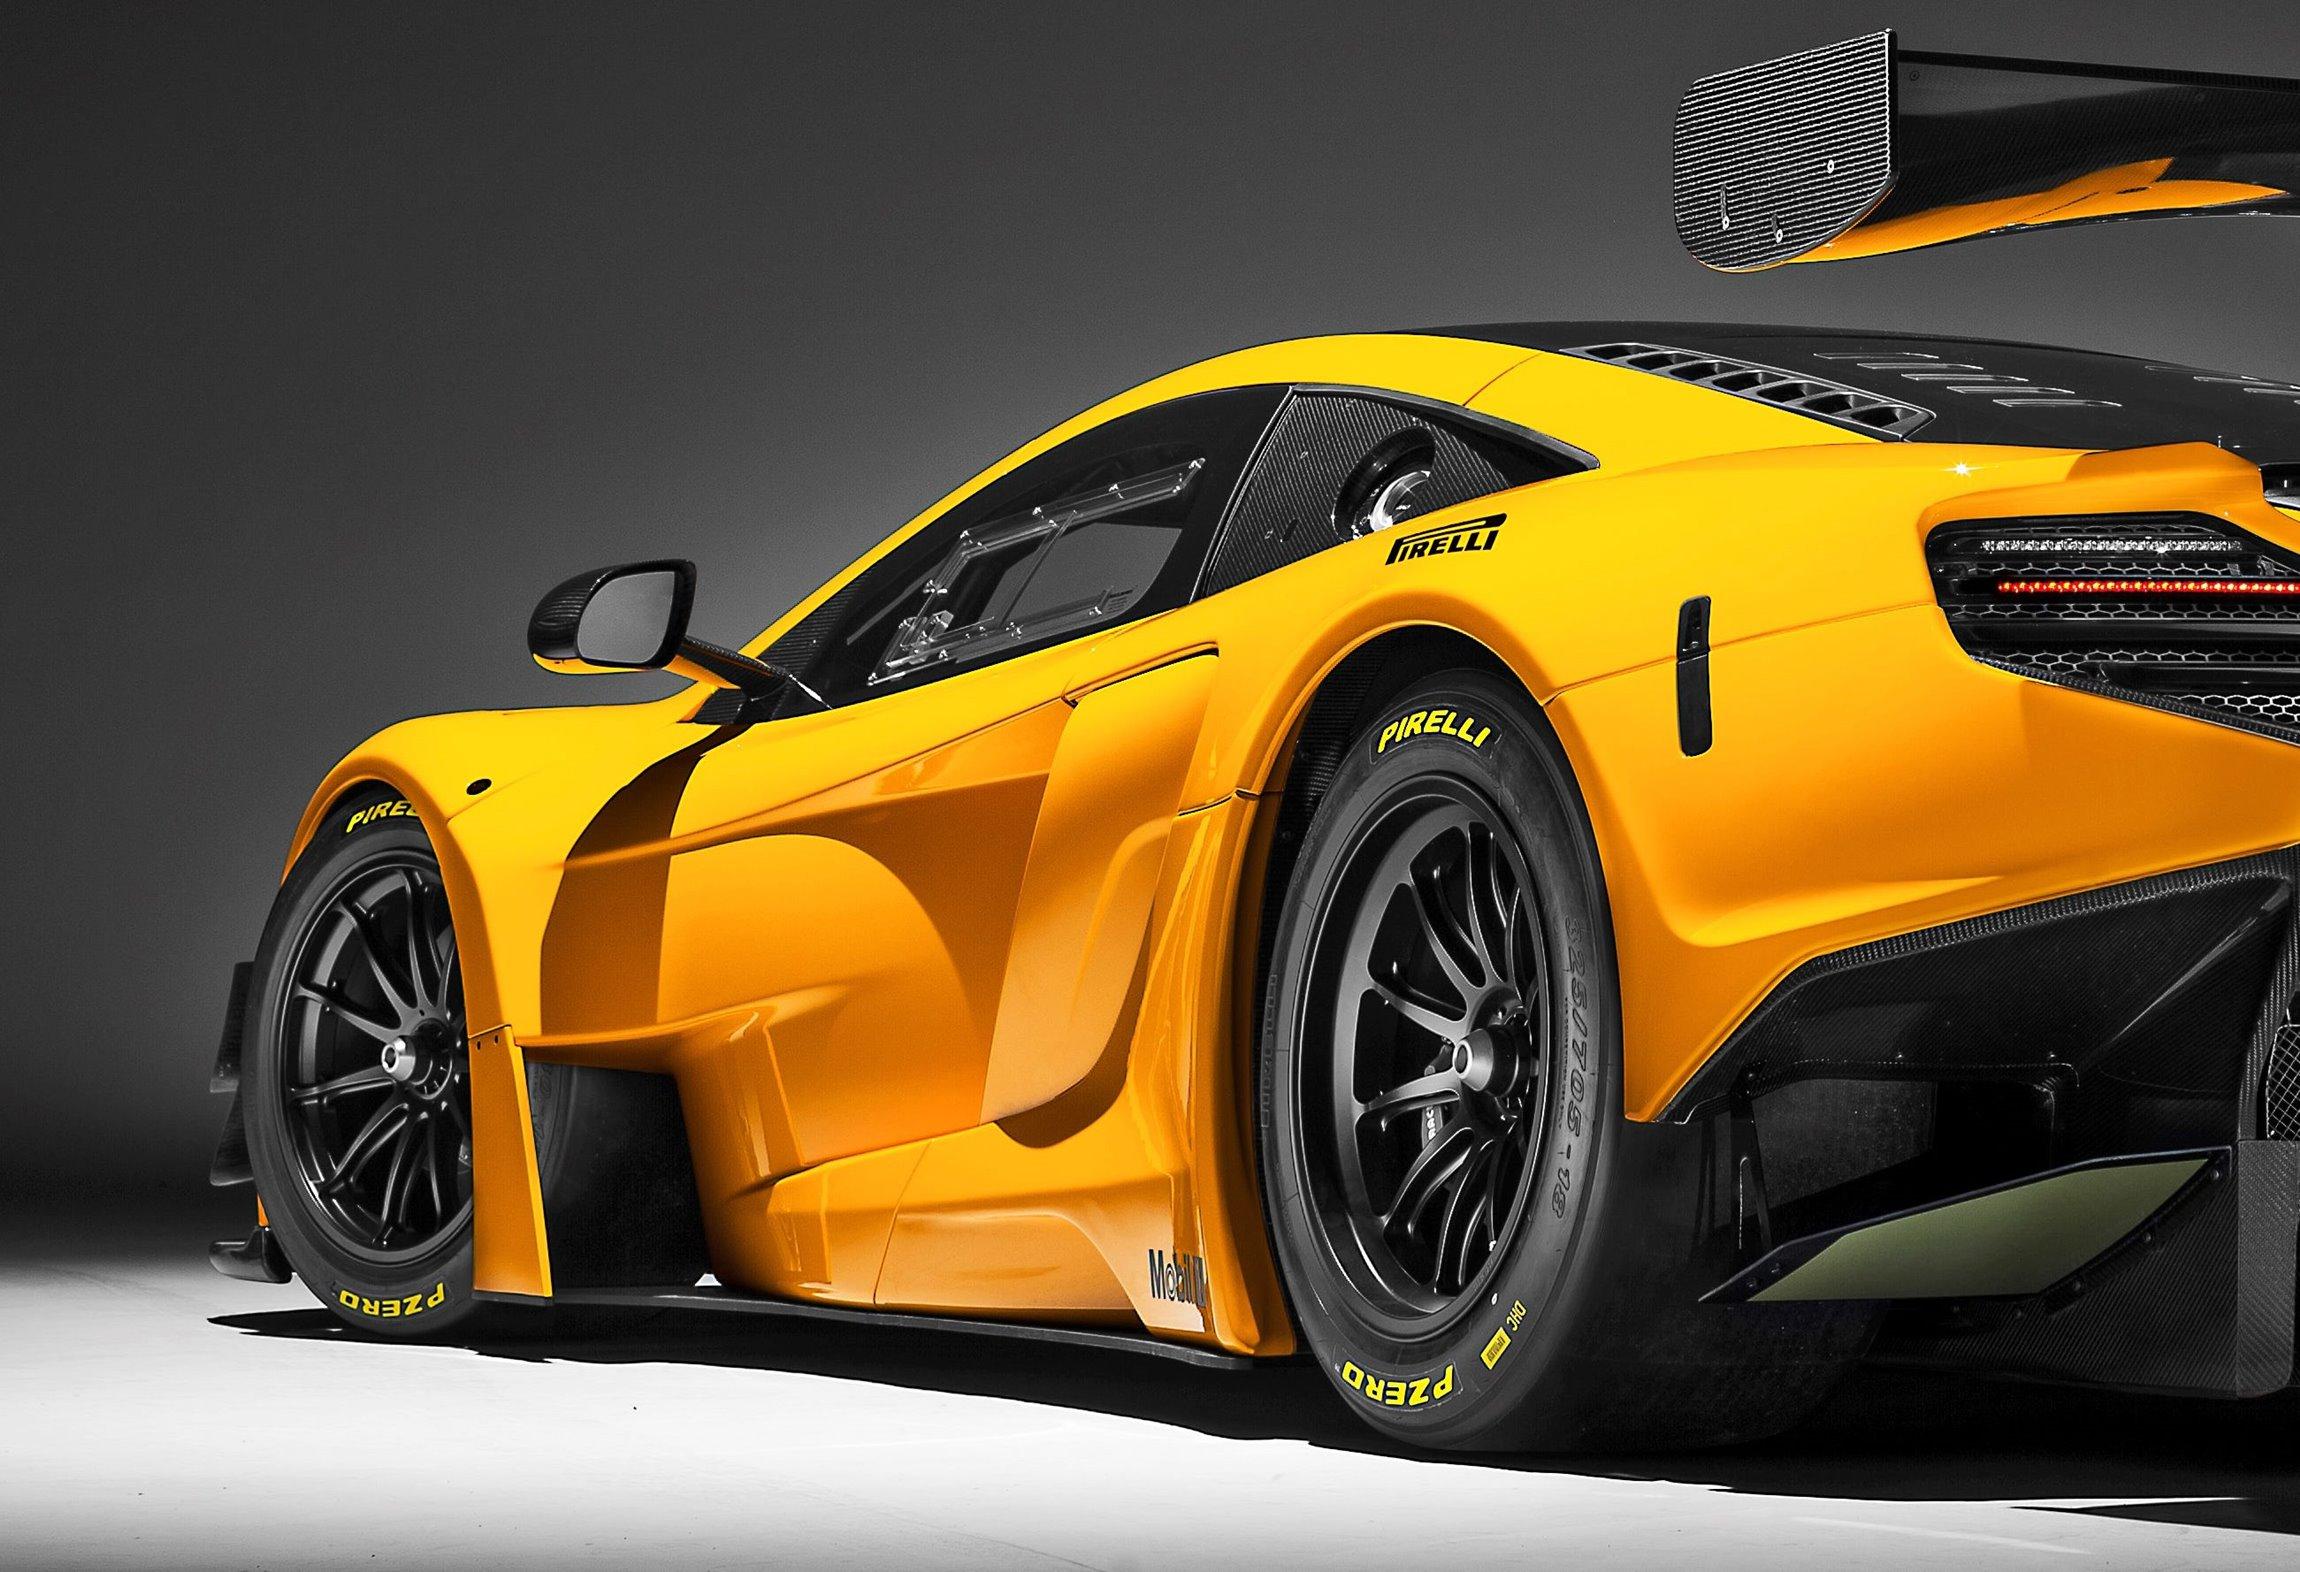 2016-McLaren-650S-GT3-na-sajmu-u-Ženevi-autonovosti.me-5